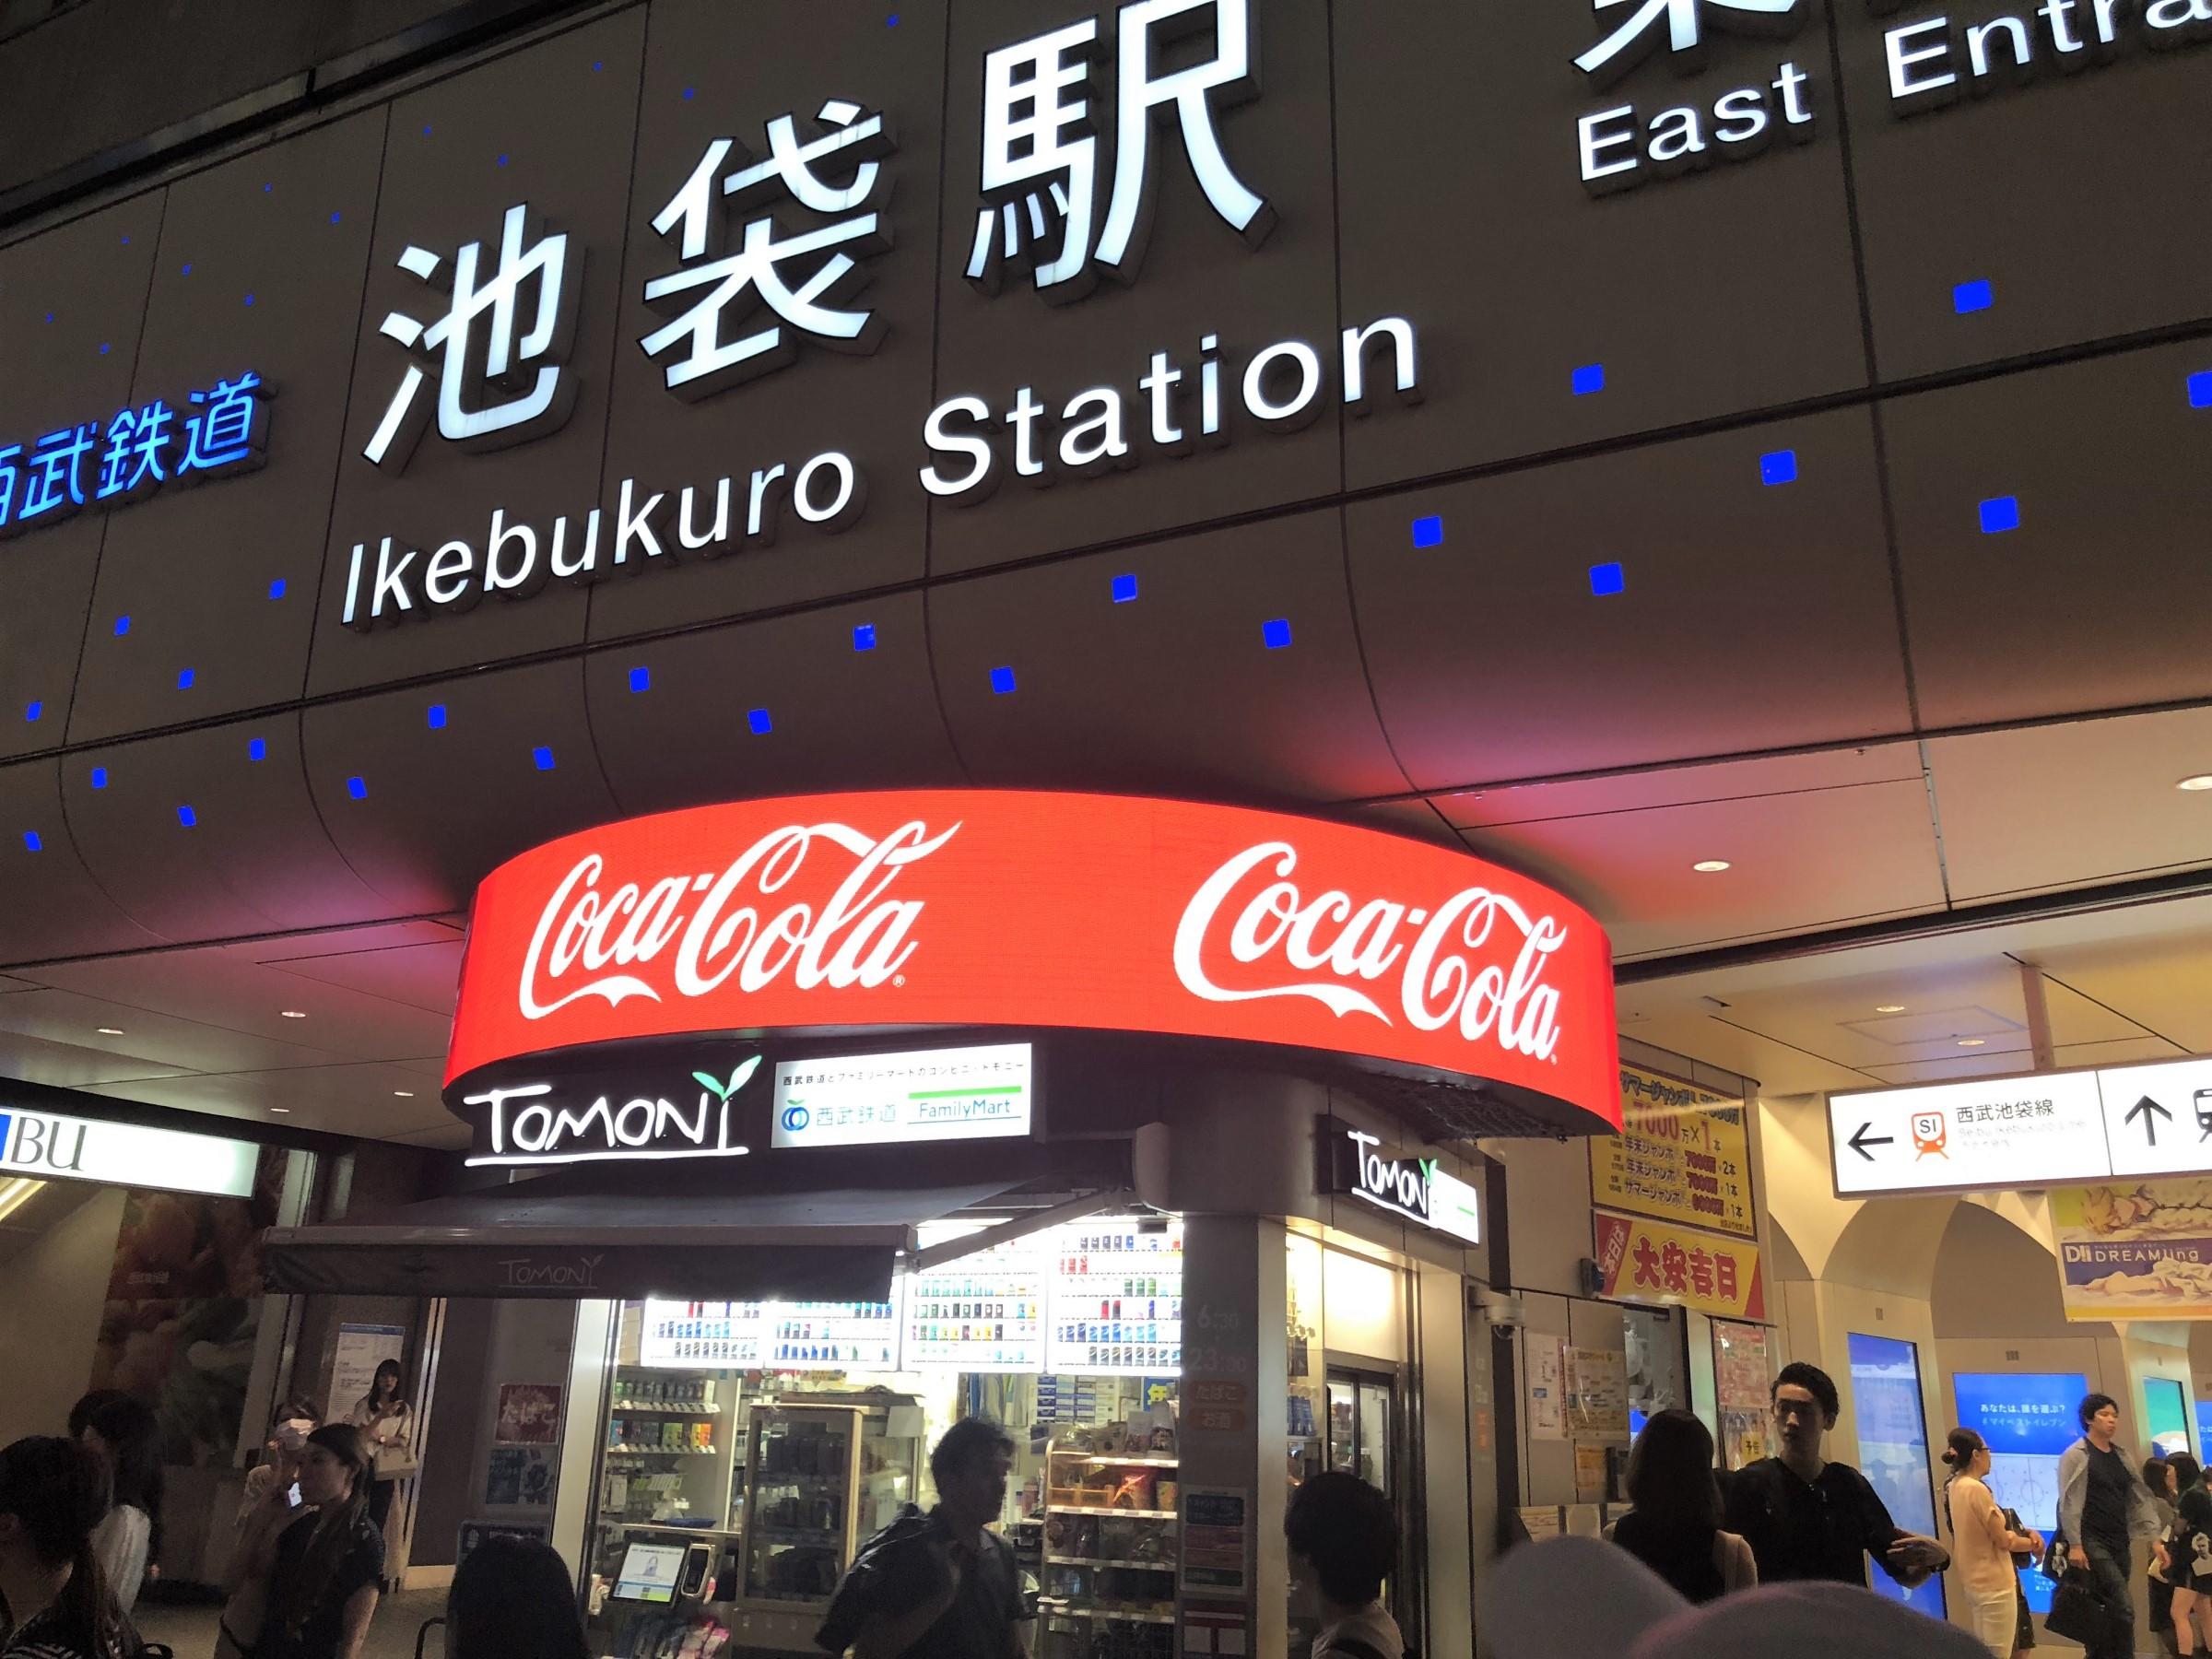 「街」のデジタルサイネージ(池袋編)09_西武池袋駅東口ビジョン